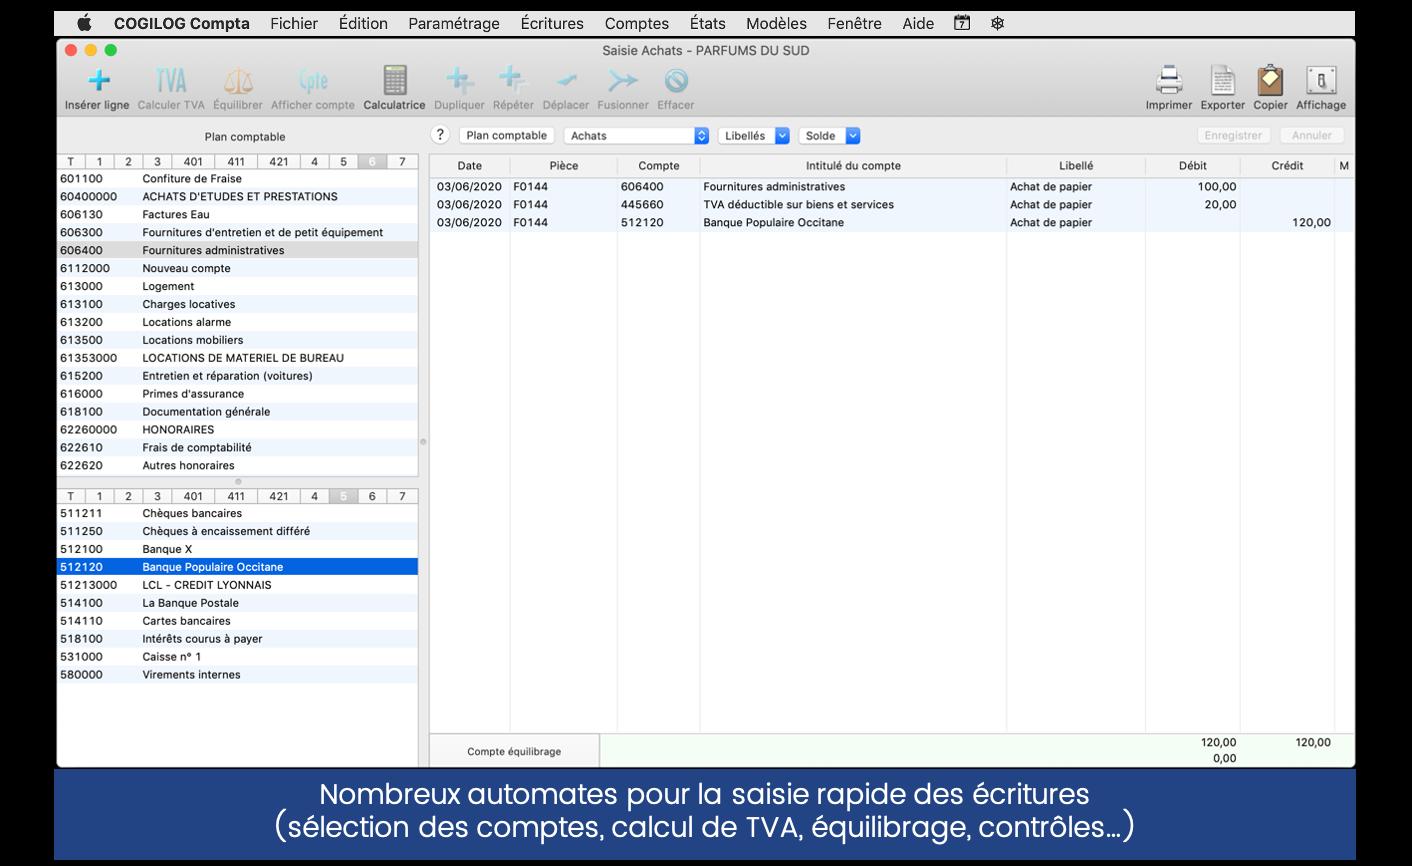 Capture d'écran Cogilog Compta, écran saisie rapide des écritures comptables